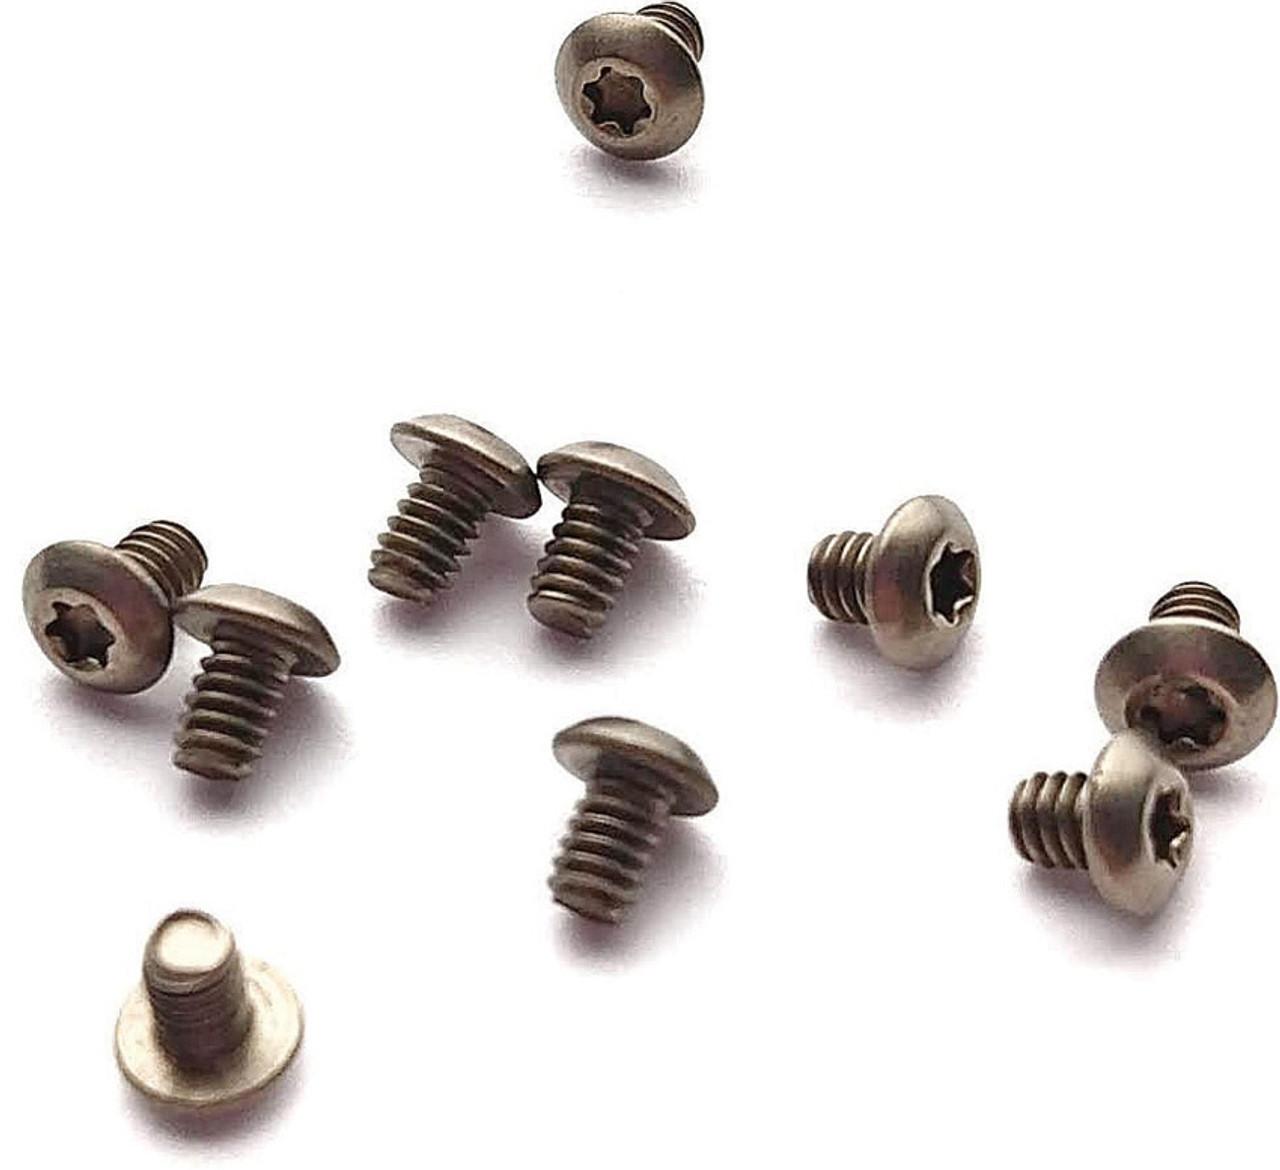 Flytanium Bugout Screws - Gold